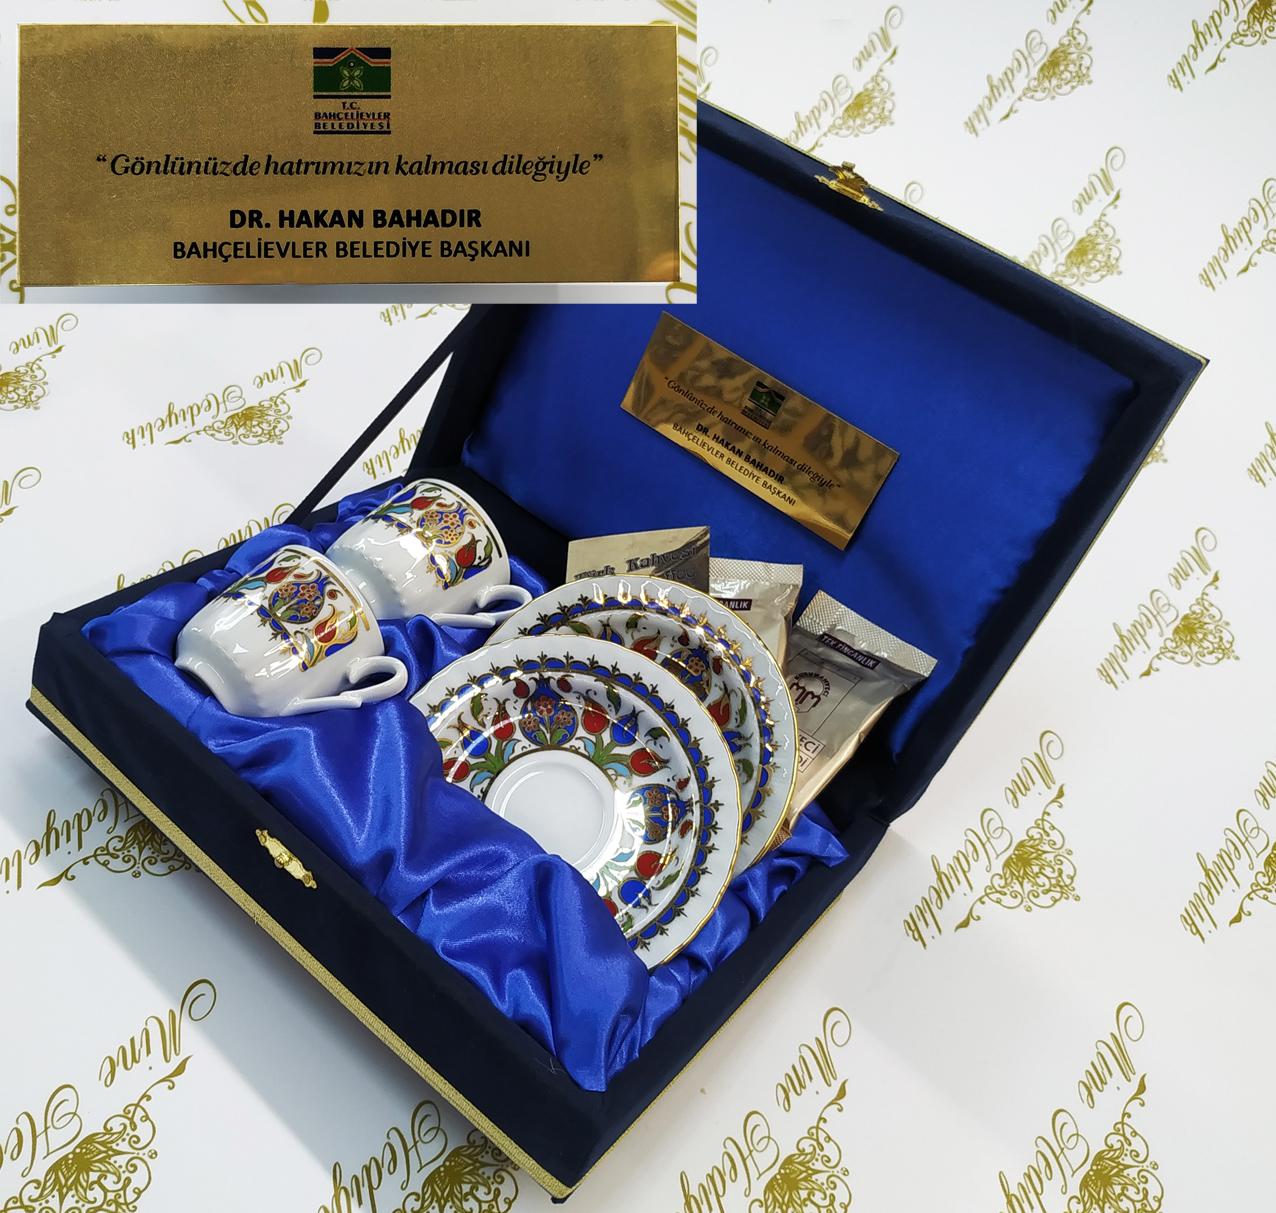 Nikah törenleri için kahve hediyeli kaliteli fincan setleri Bahçelievler Belediyesi hediyelik promosyon amaçlı kullanıma yönelik baskılı hediyelik eşyalar